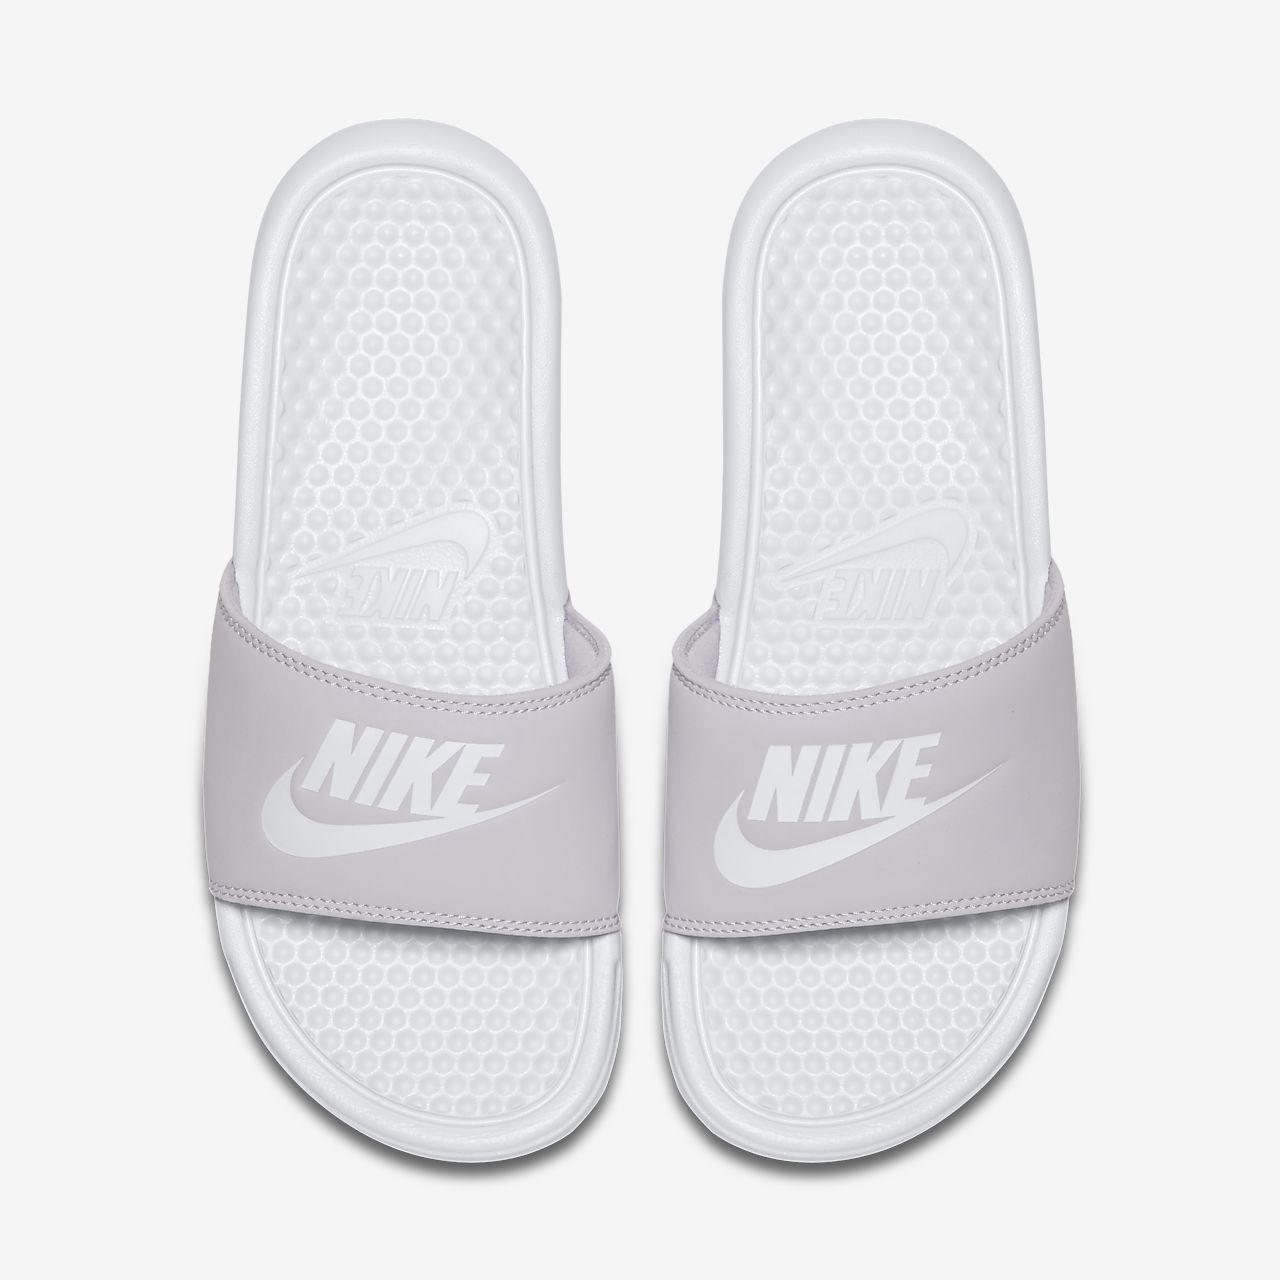 Nike Benassi Pastel QS Damen-Badeslipper - Orange qh6YZ2JK